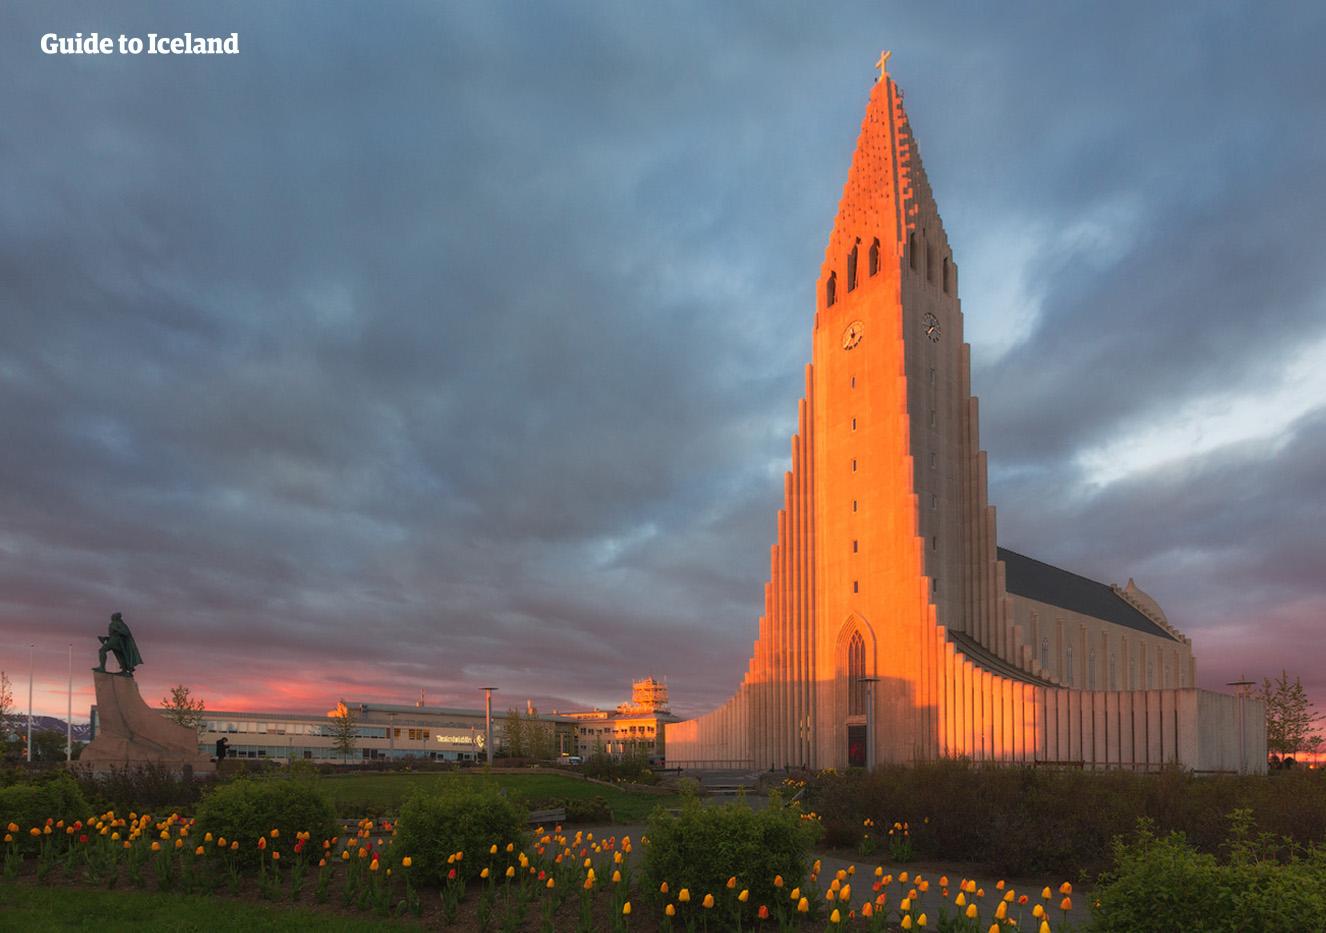 Få mest muligt ud af midnatssolen ved at besøge nogle af Reykjavíks mange restauranter, caféer og barer om aftenen.